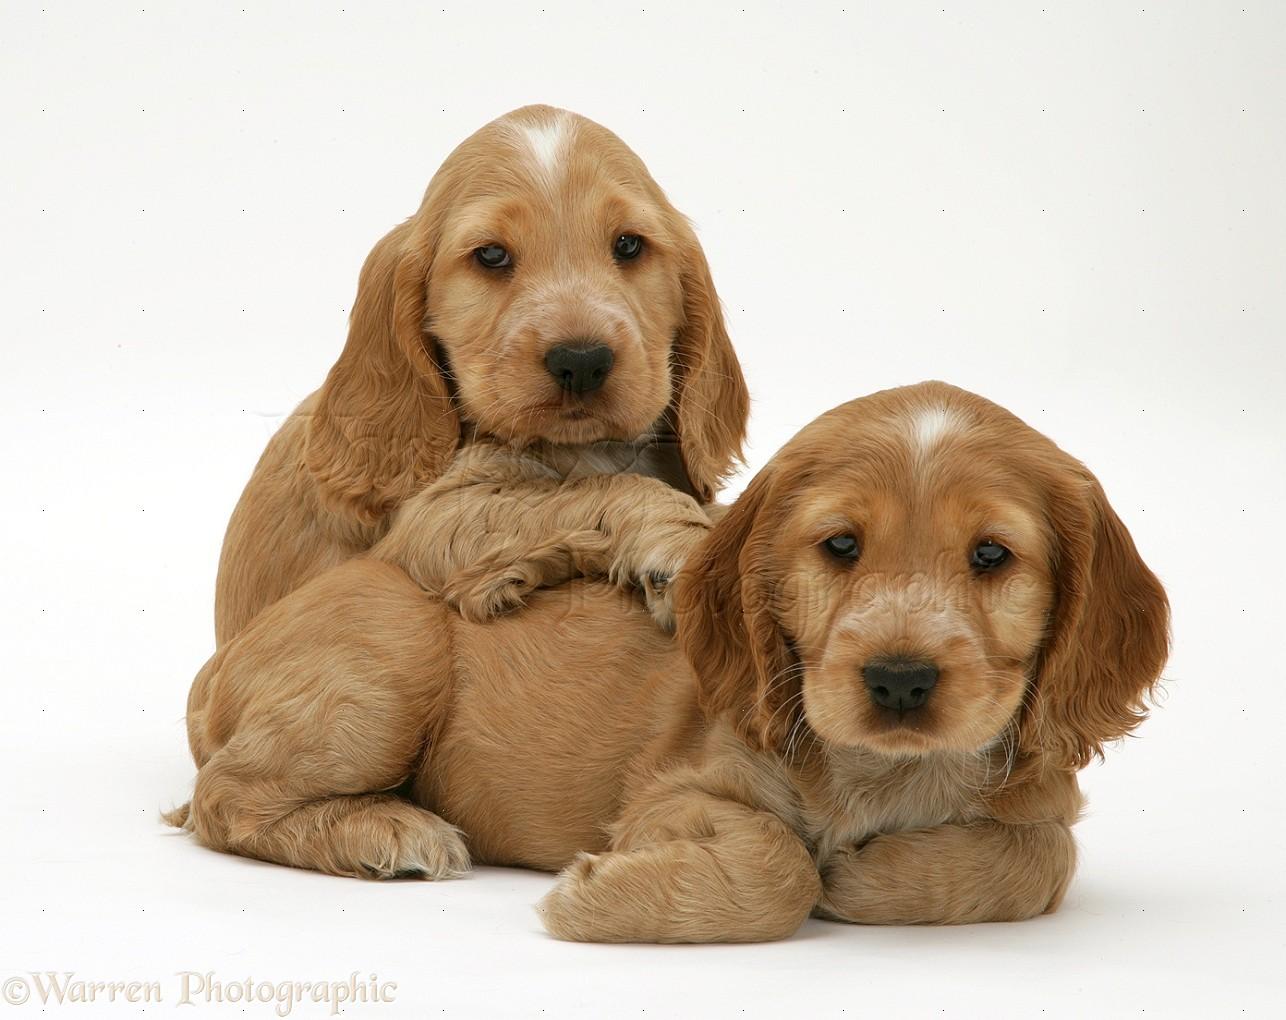 Russian Spaniel Puppies: Russian Cute Little Puppy Cute Puppies Fanpop Fanclubs Breed